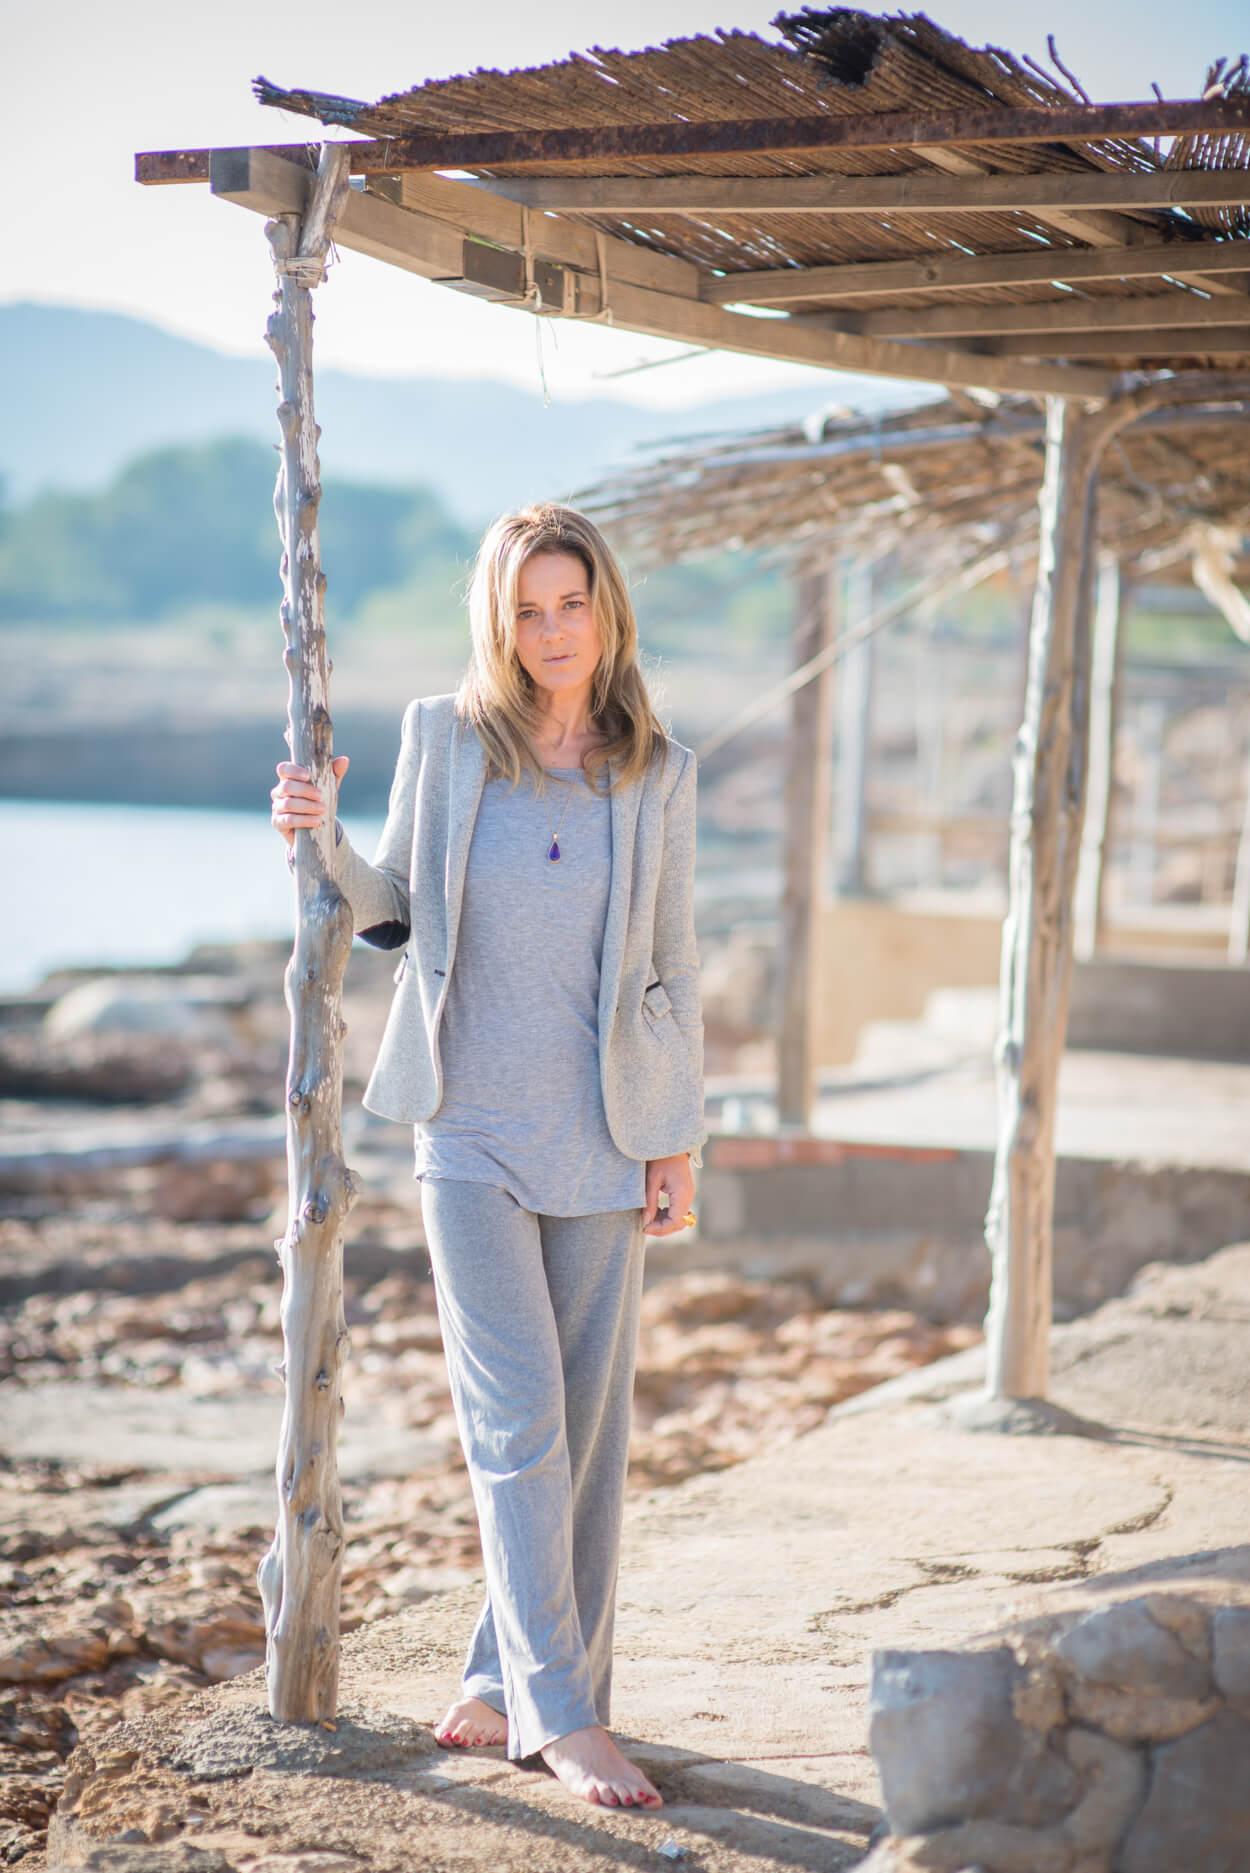 Tina Cutler portrait boat shacks morning light